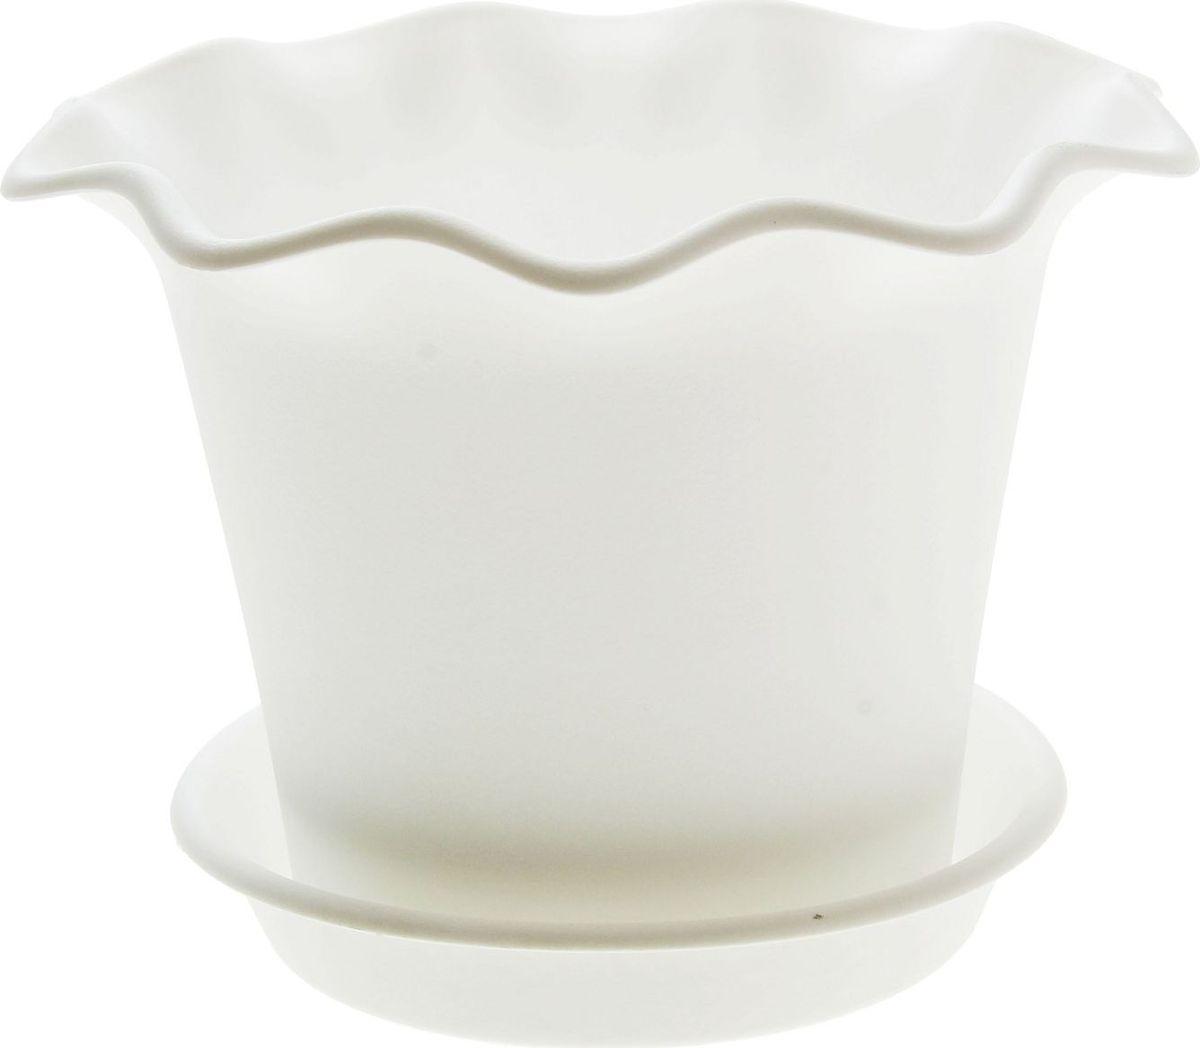 Горшок для цветов InGreen Бали, с поддоном, цвет: белый, диаметр 16 смZ-0307Горшок InGreen Бали выполнен из высококачественного полипропилена (пластика) и предназначен для выращивания цветов, растений и трав. Снабжен поддоном для стока воды.Такой горшок порадует вас функциональностью, а благодаря лаконичному дизайну впишется в любой интерьер помещения.Диаметр горшка (по верхнему краю): 16 см. Высота горшка: 12,3 см.